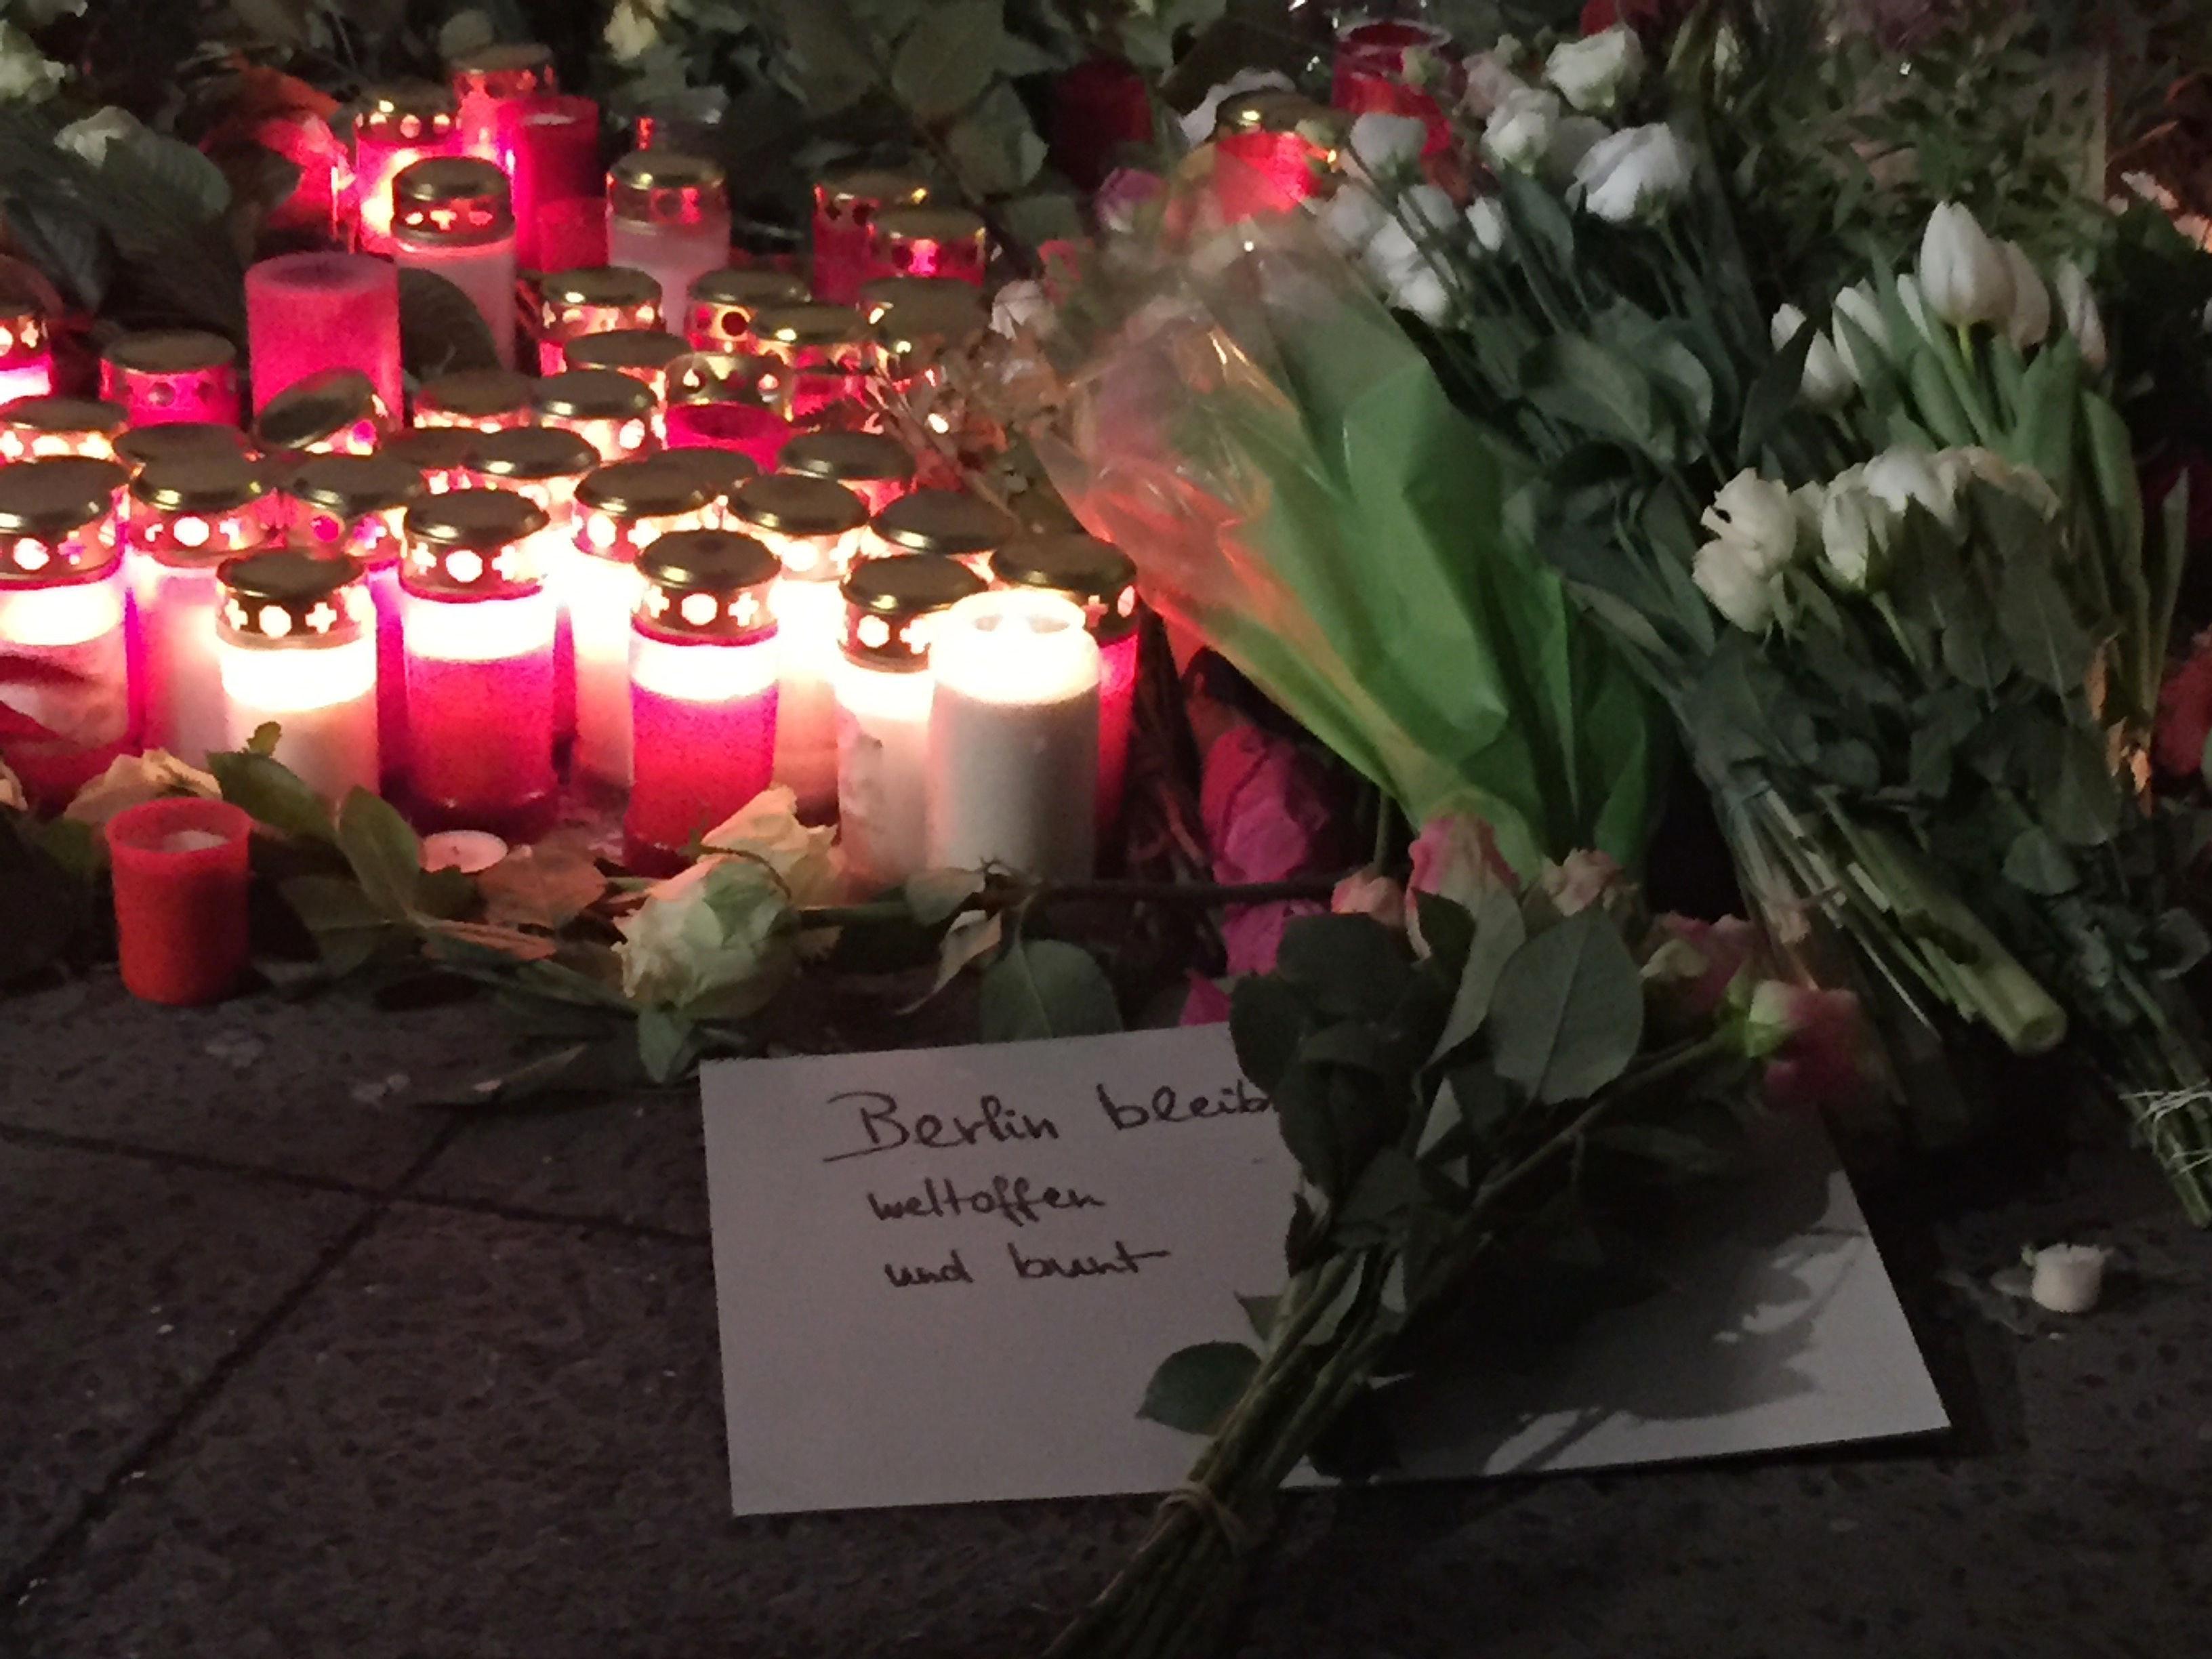 Συγγενείς των 12 θυμάτων της περσινής τρομοκρατικής επίθεσης στο Βερολίνο κατηγορούν τη Μέρκελ για πολιτική αποτυχία και προσ...